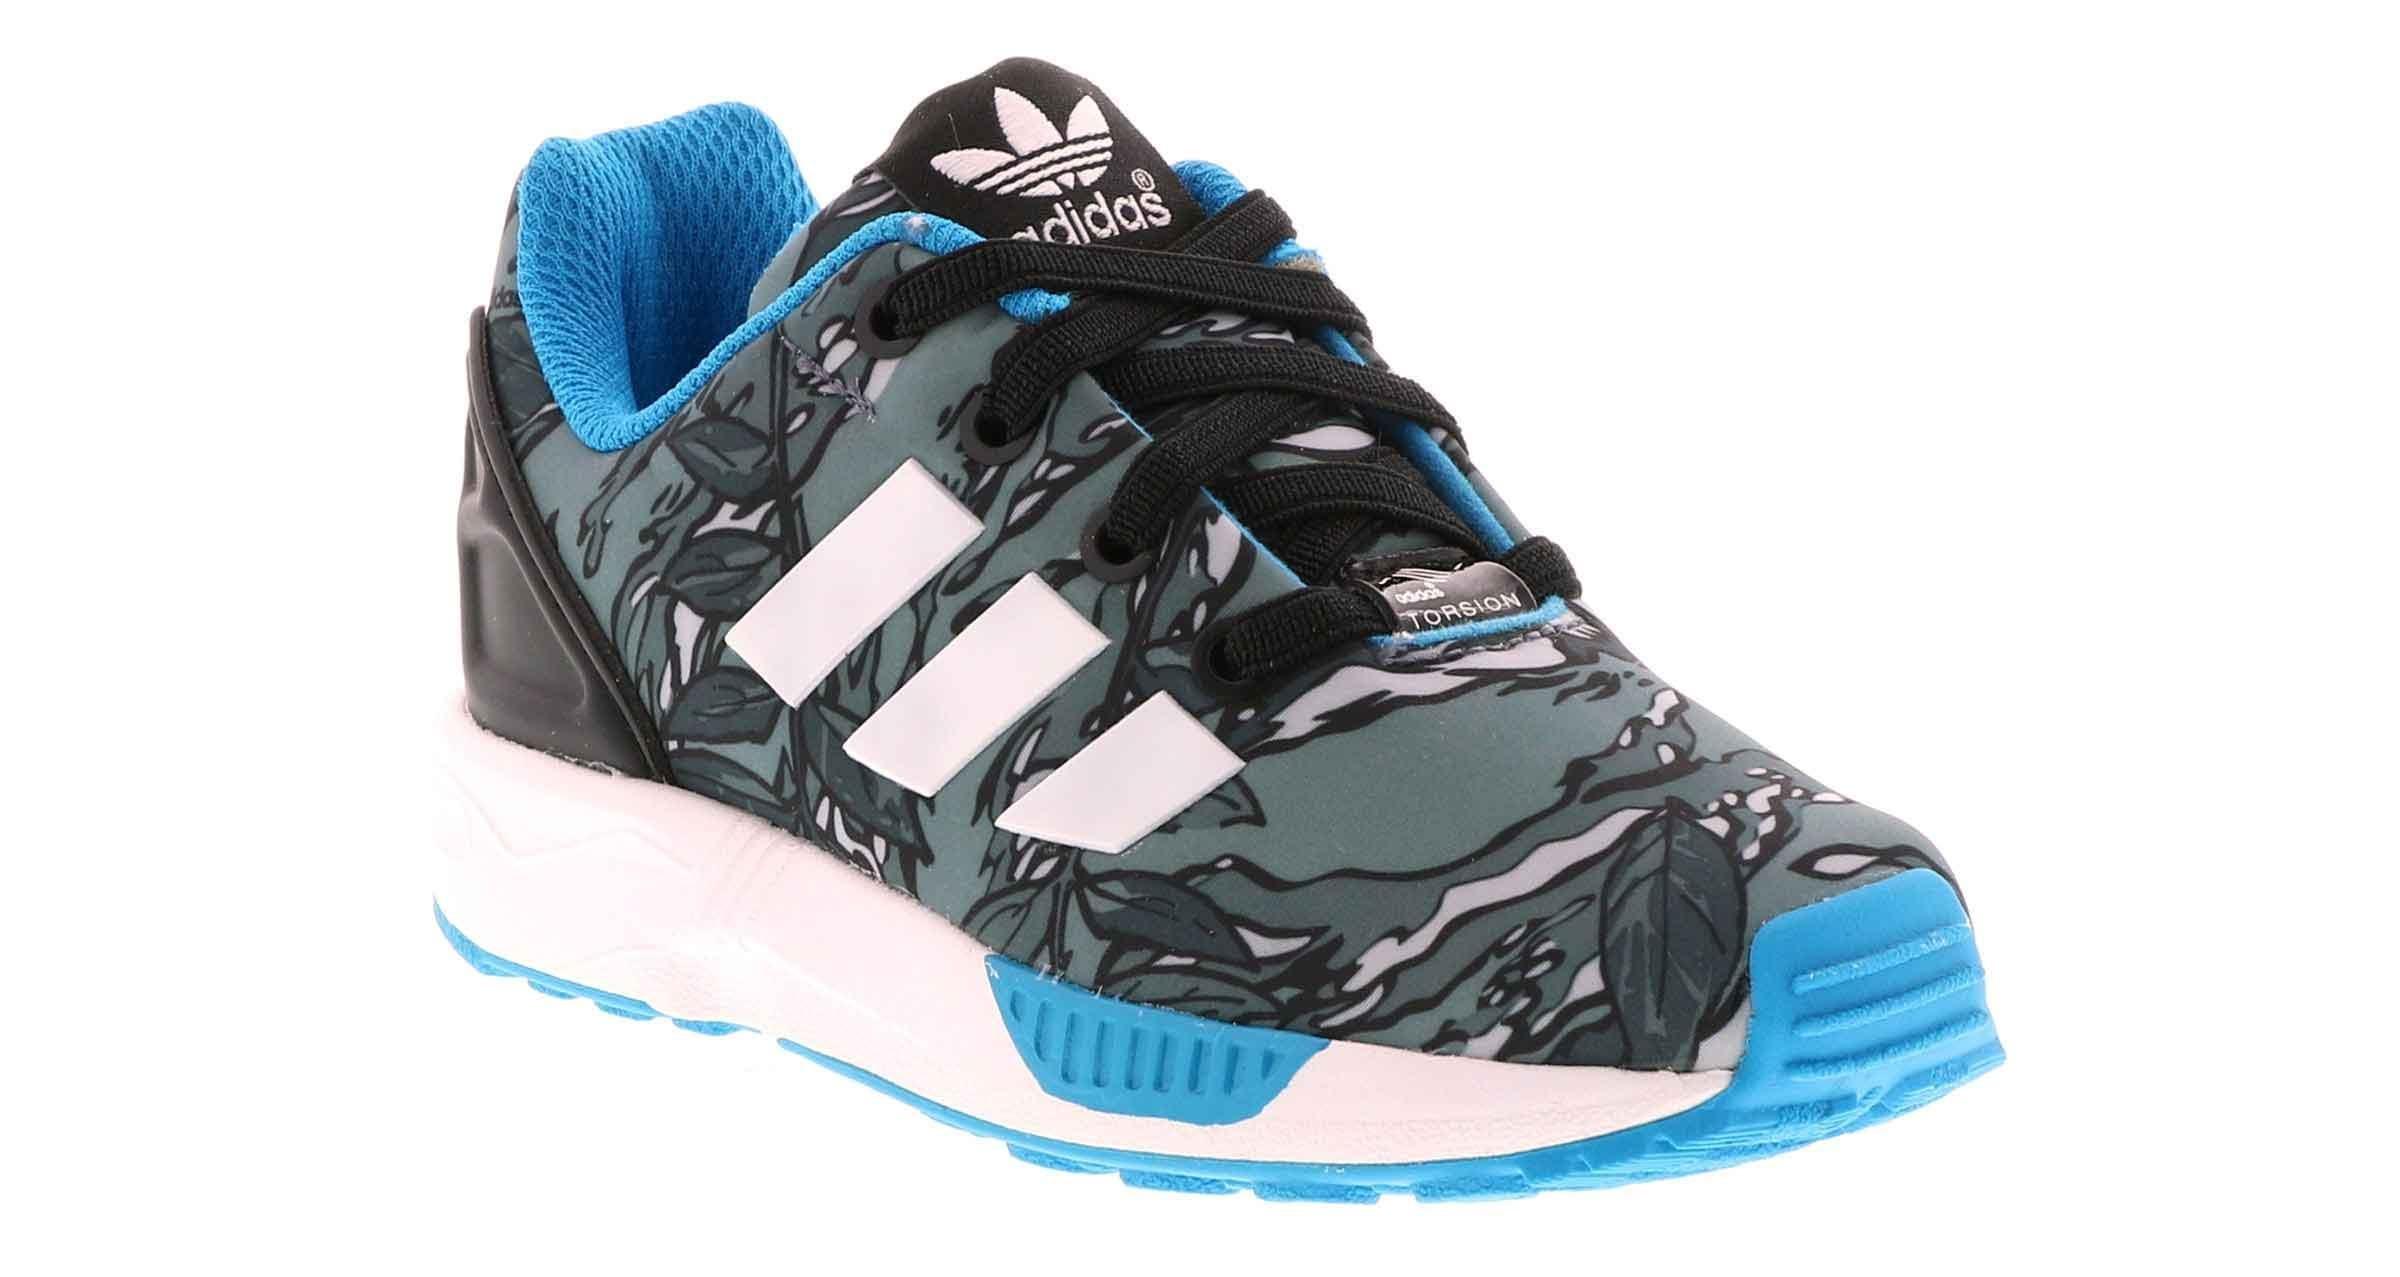 ADIDAS Kid's Adidas Zx Flux (5 10) |Shoe Sensation  spare mehr